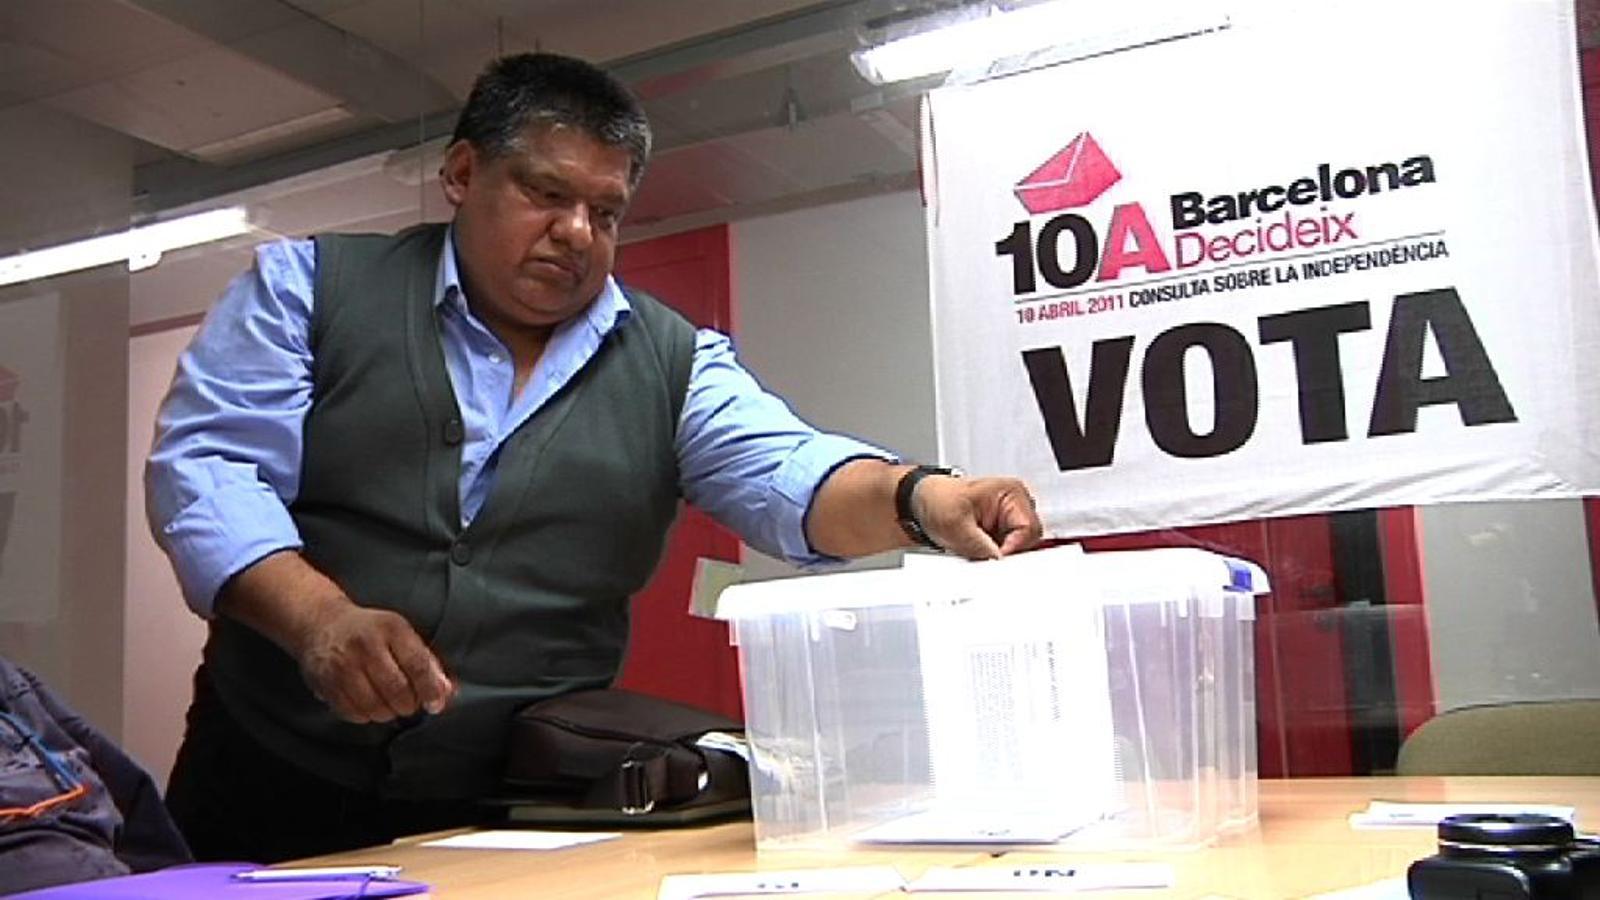 Un dels objectius del 10-A: que votin els immigrants